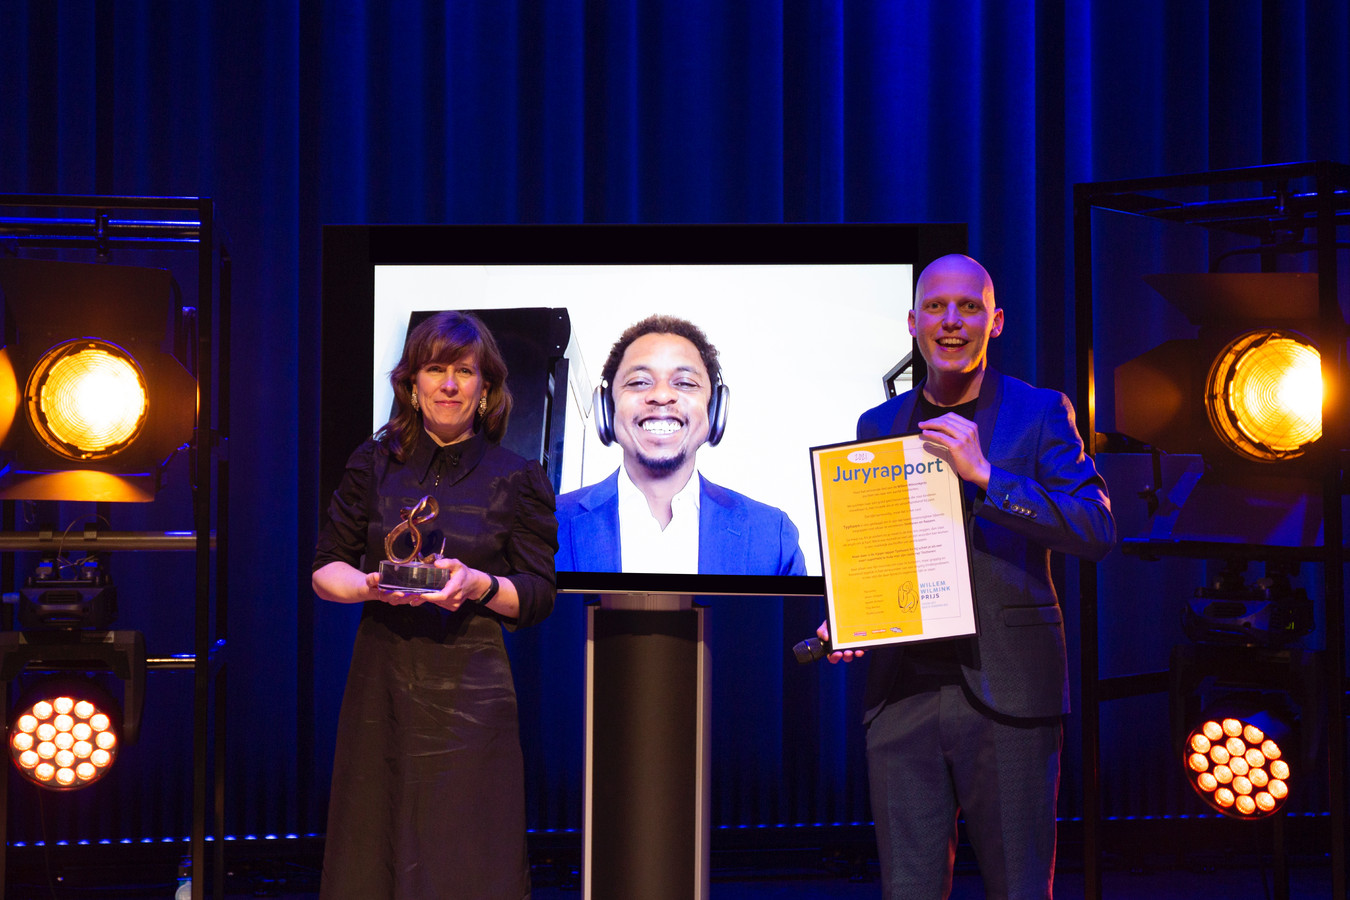 Typhoon (midden) was niet live aanwezig bij de prijsuitreiking. Anneke Dorsman (links) nam namens Het Klokhuis de prijs in ontvangst.